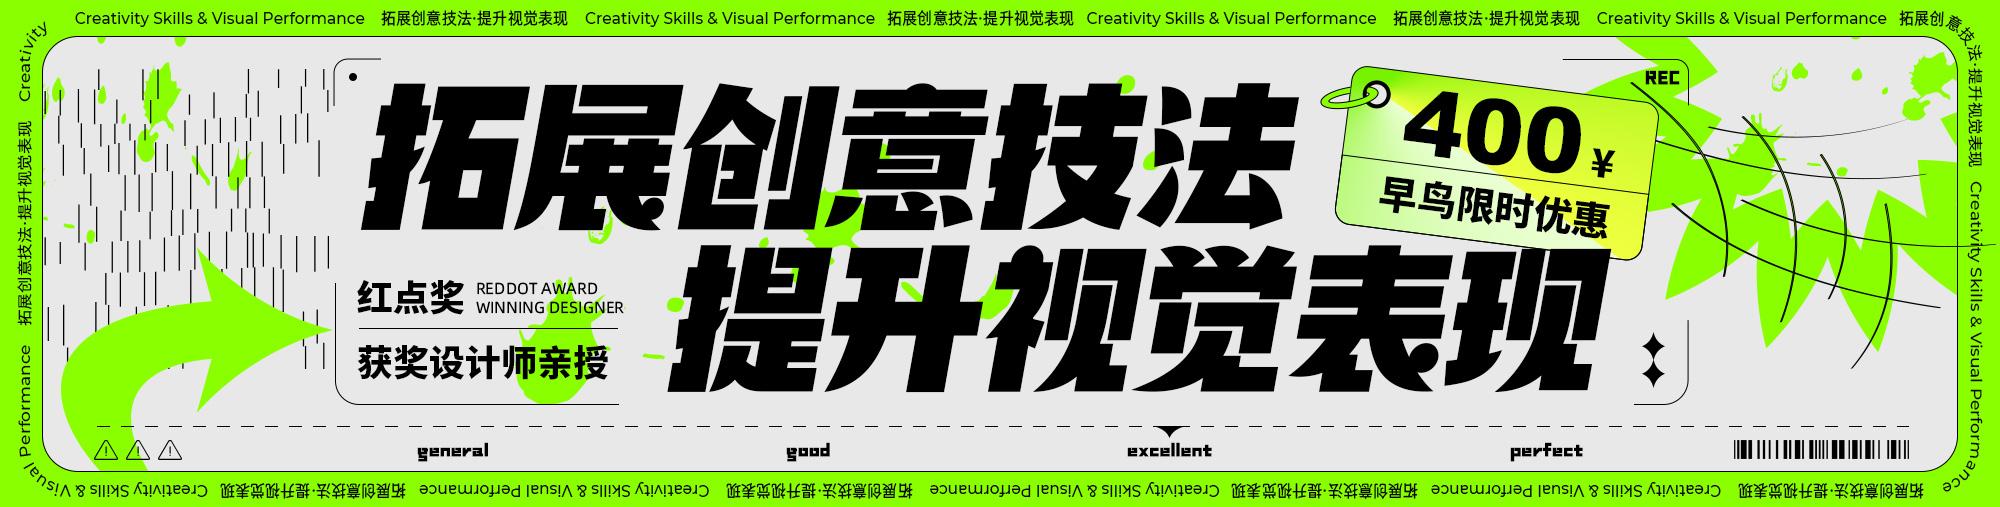 图形·海报·标志·品牌·设计创意落地班(定金优惠中)